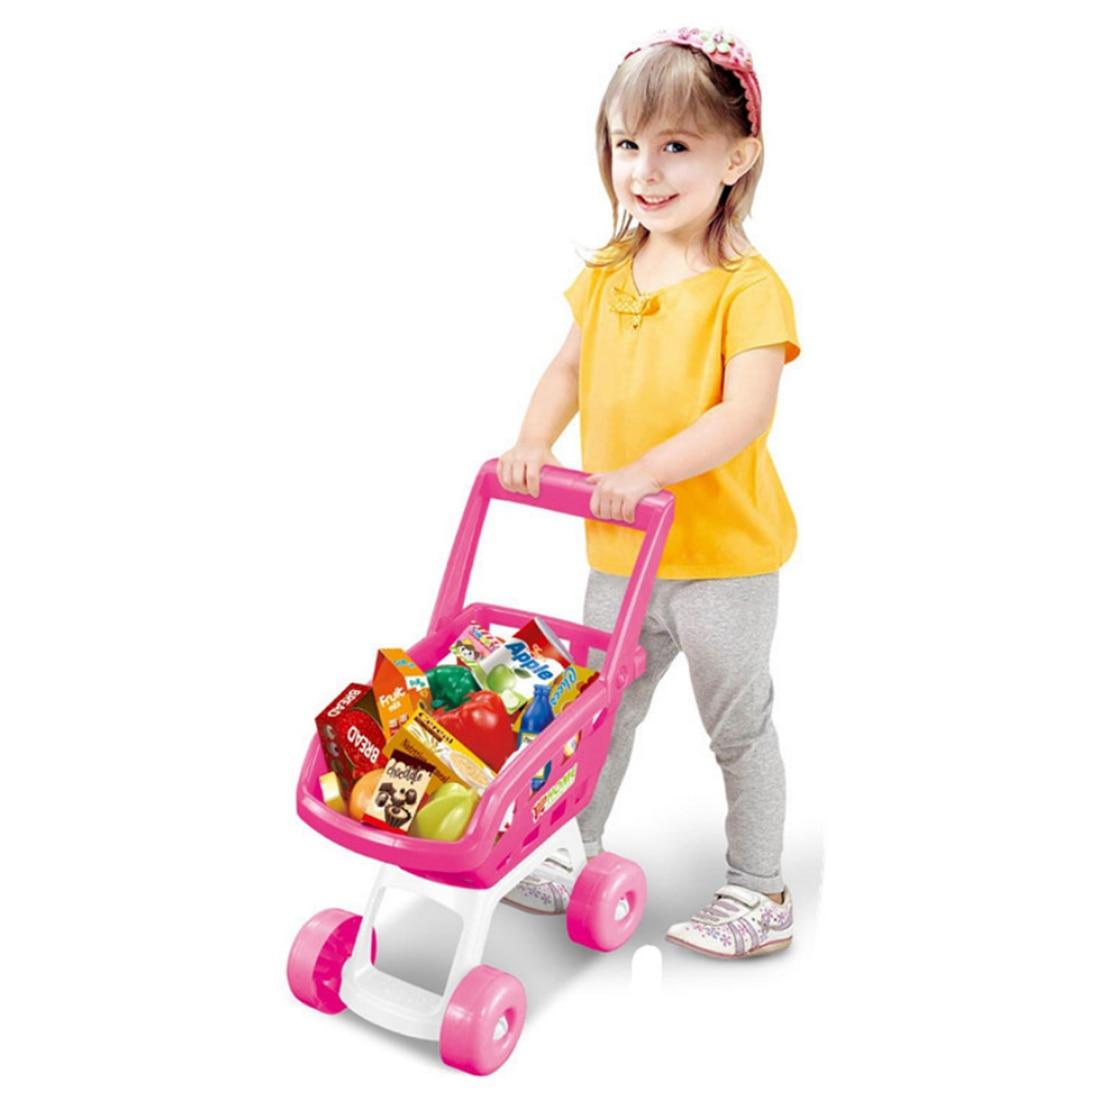 1 Set Bambini Giochi Di Imitazione Giocattoli Supermercato Carrello Della Spesa Carrelli Giocattolo Per I Bambini Con L'alta Qualità-ragazze/ragazzo Tipo Bello A Colori